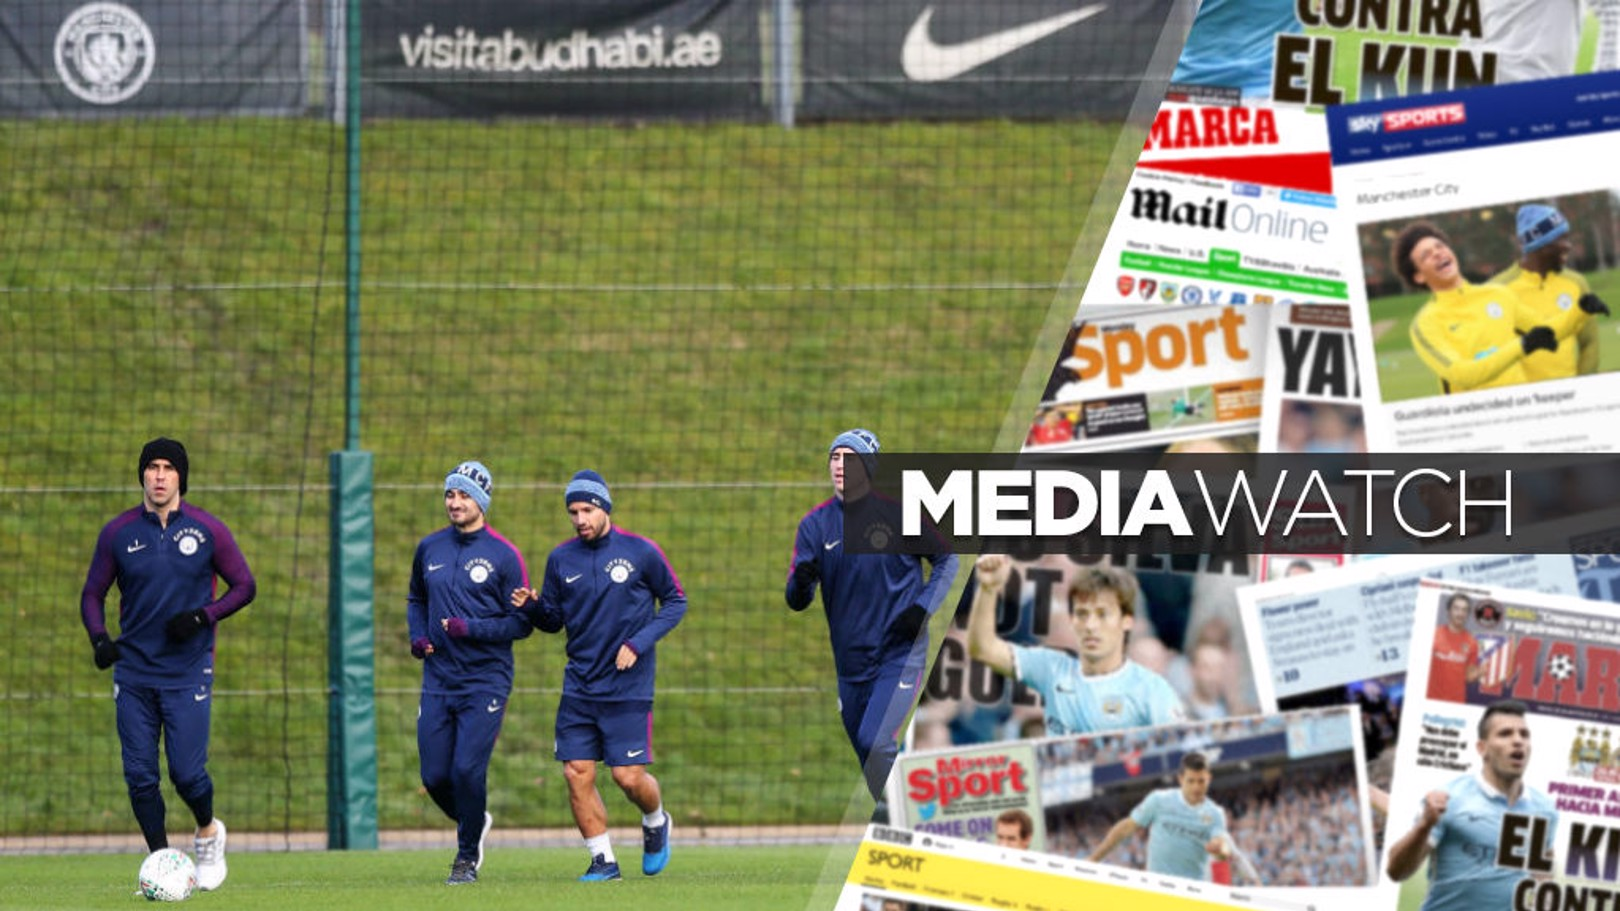 مانشستر سيتي يصعد من استعداداته لمباراة أرسنال في نهائي كأس كاراباو.